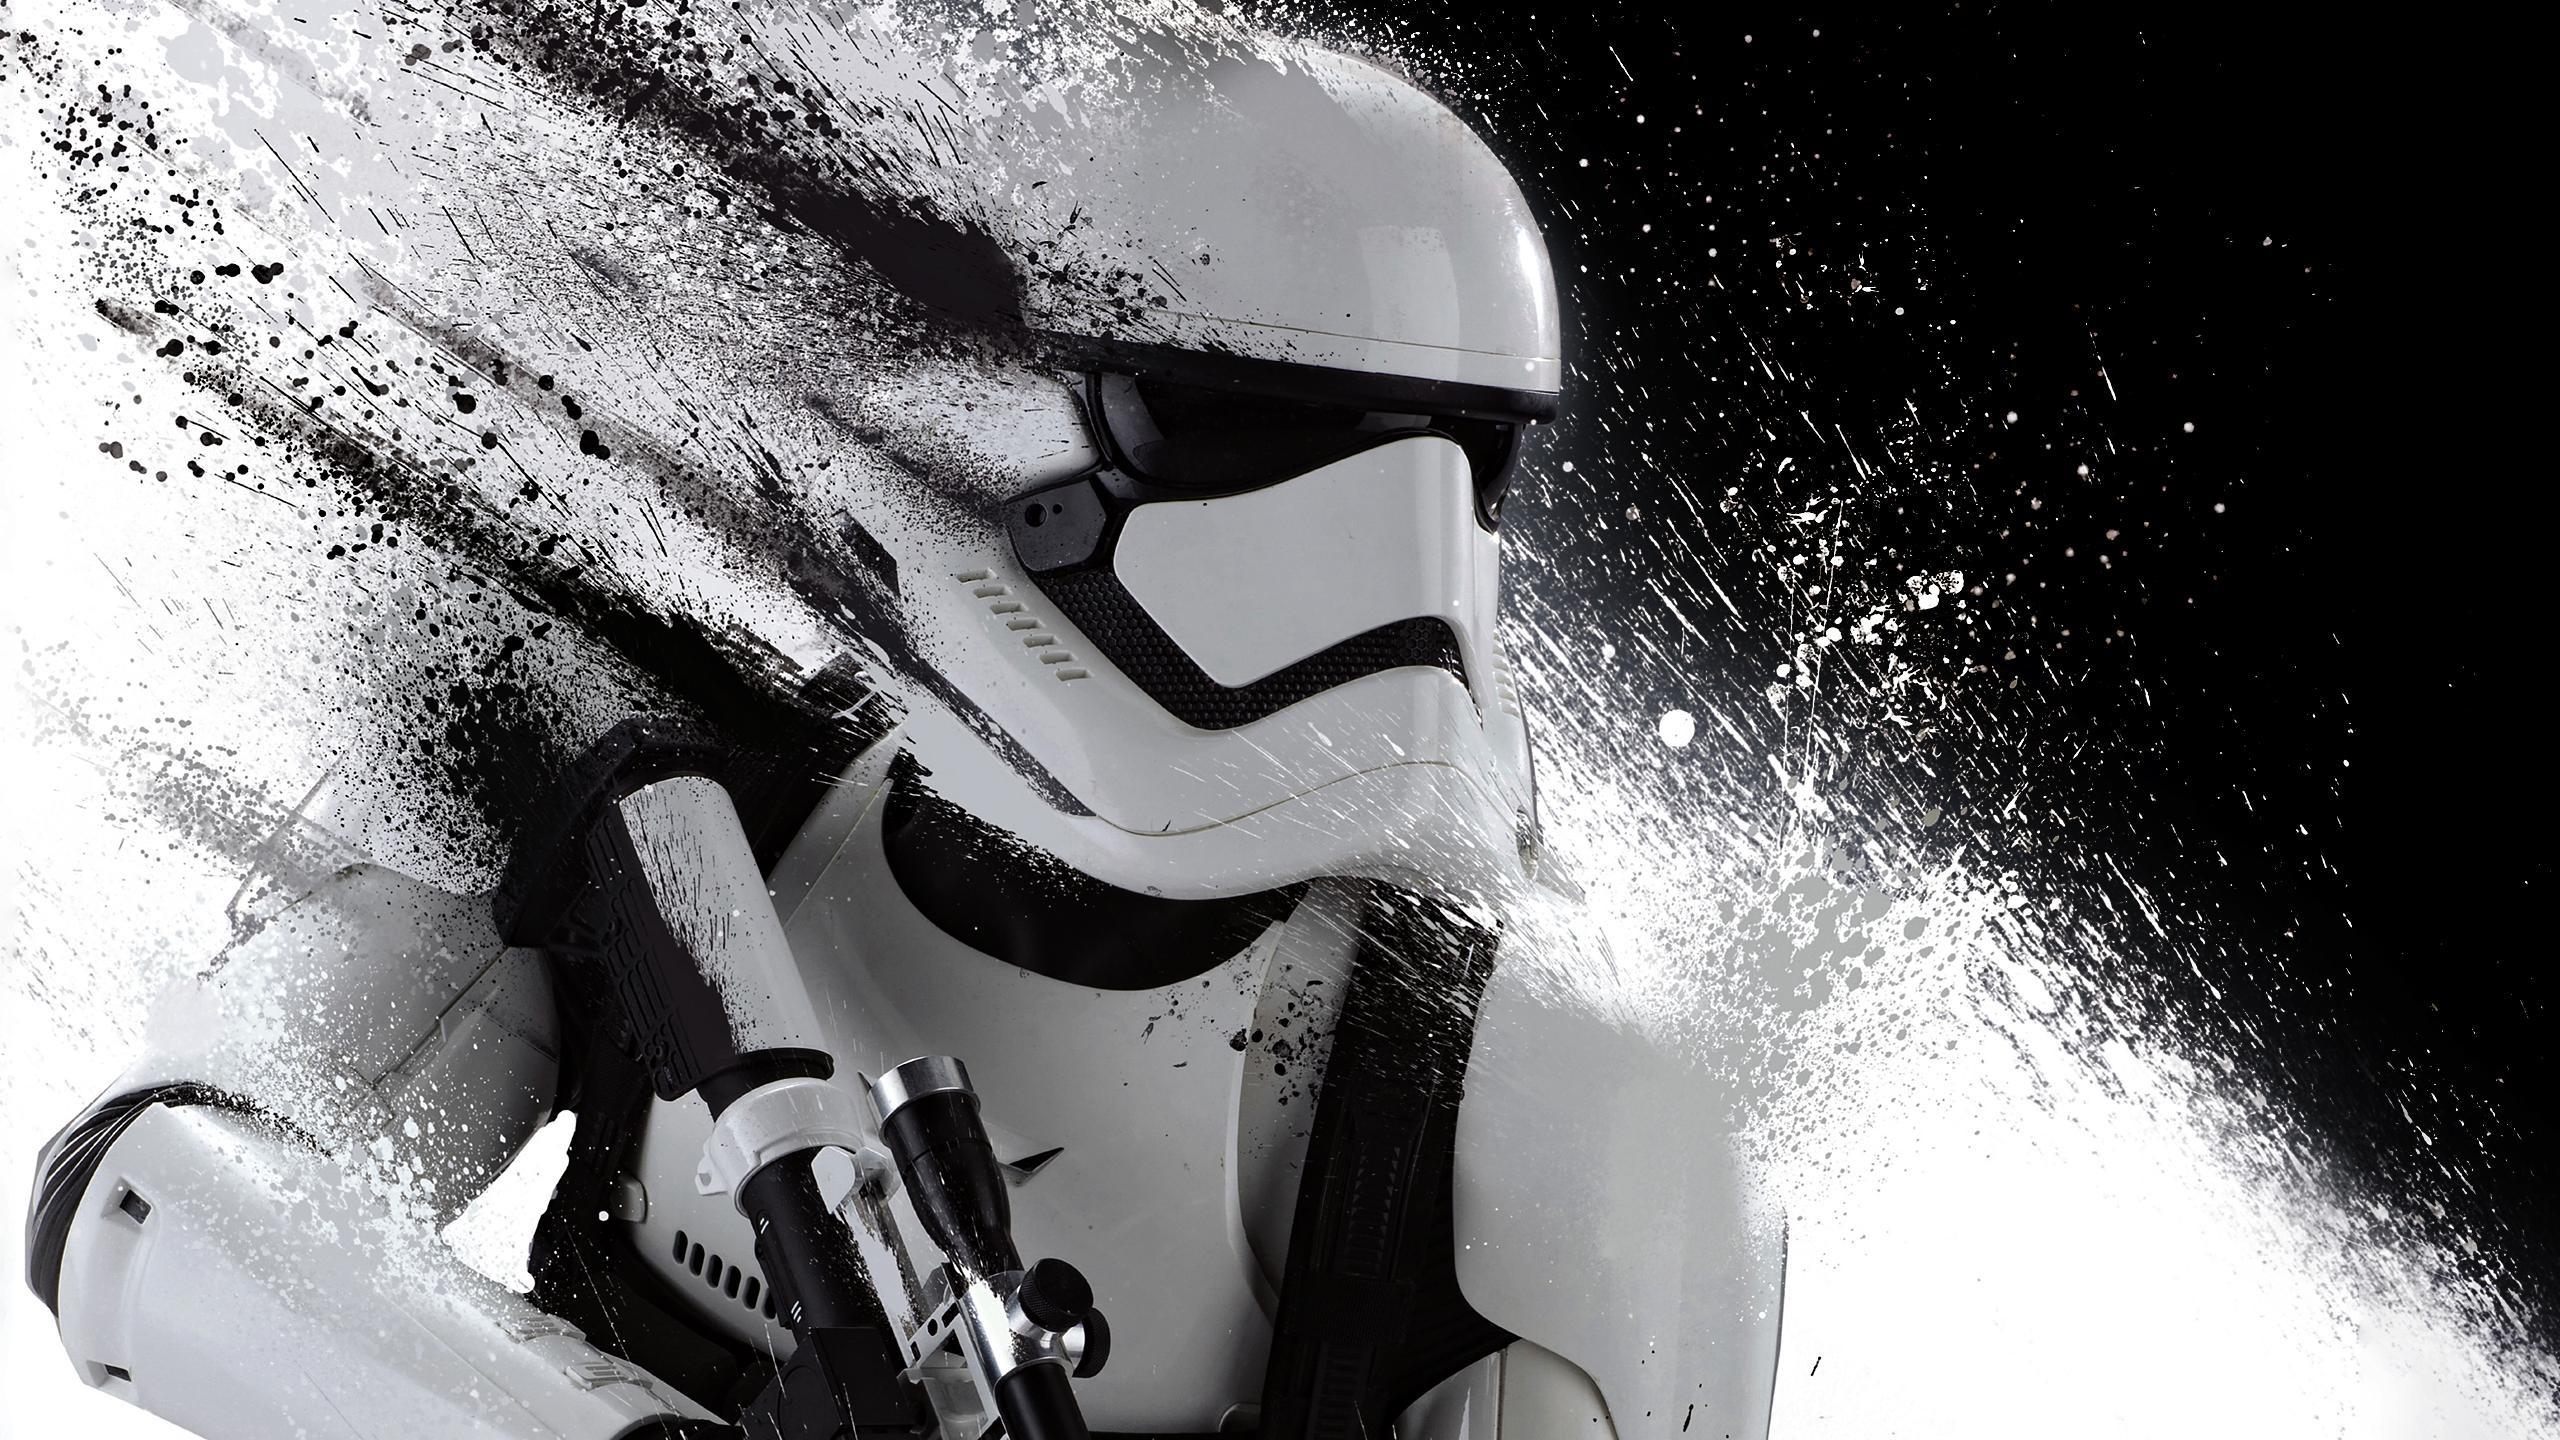 136 Star Wars Hd Wallpaper 1366 768